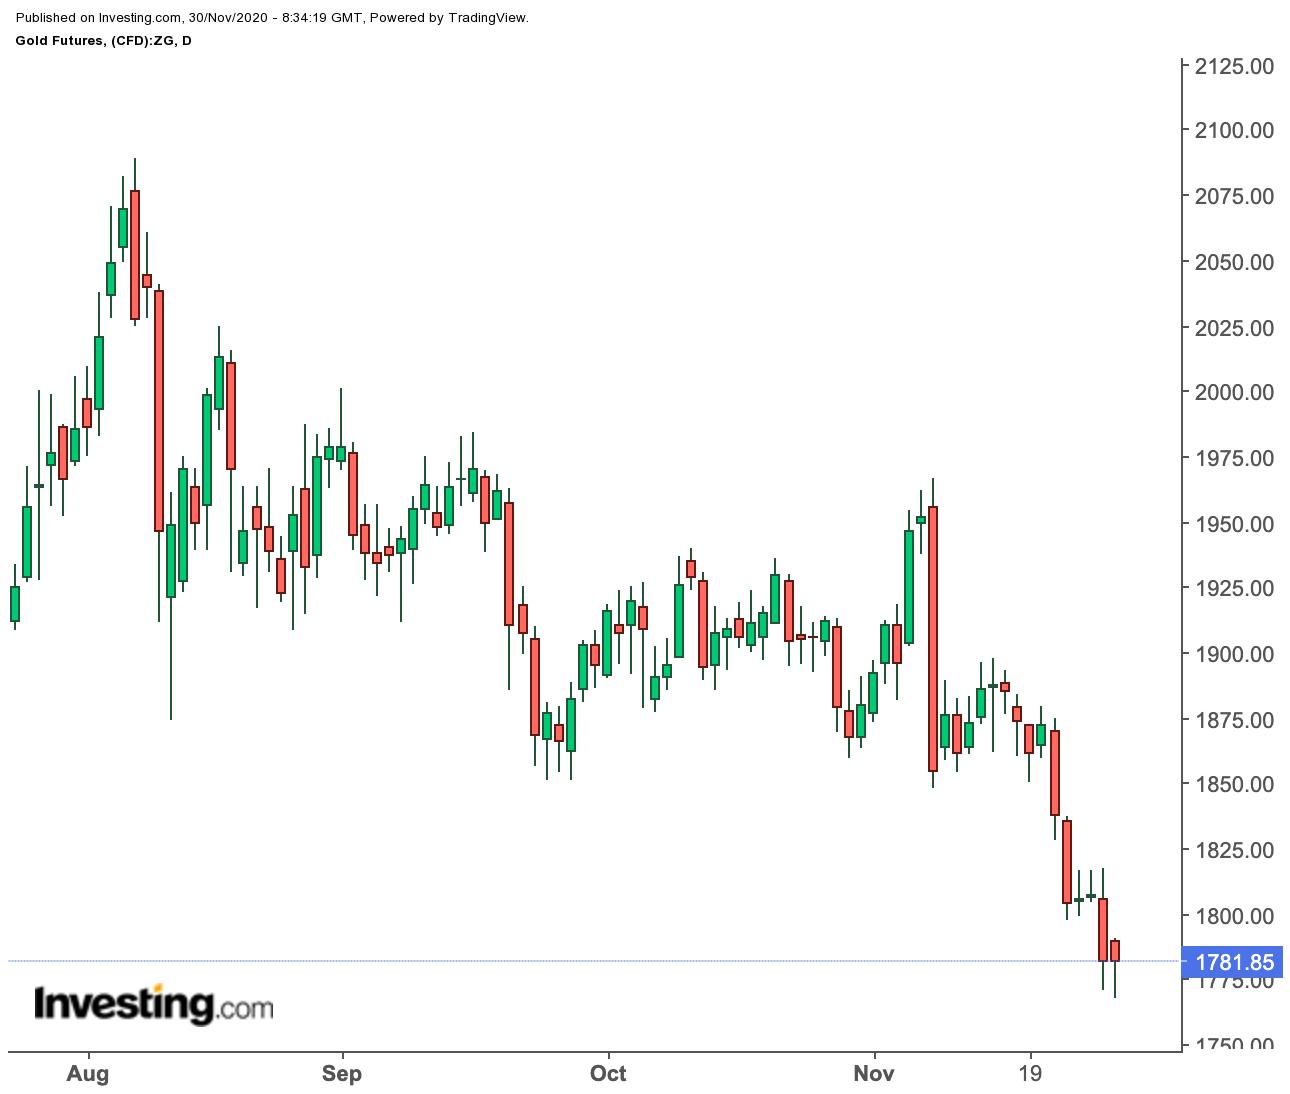 Прогноз недели: золото пытается остановить свободное падение; нефть на пути к $50